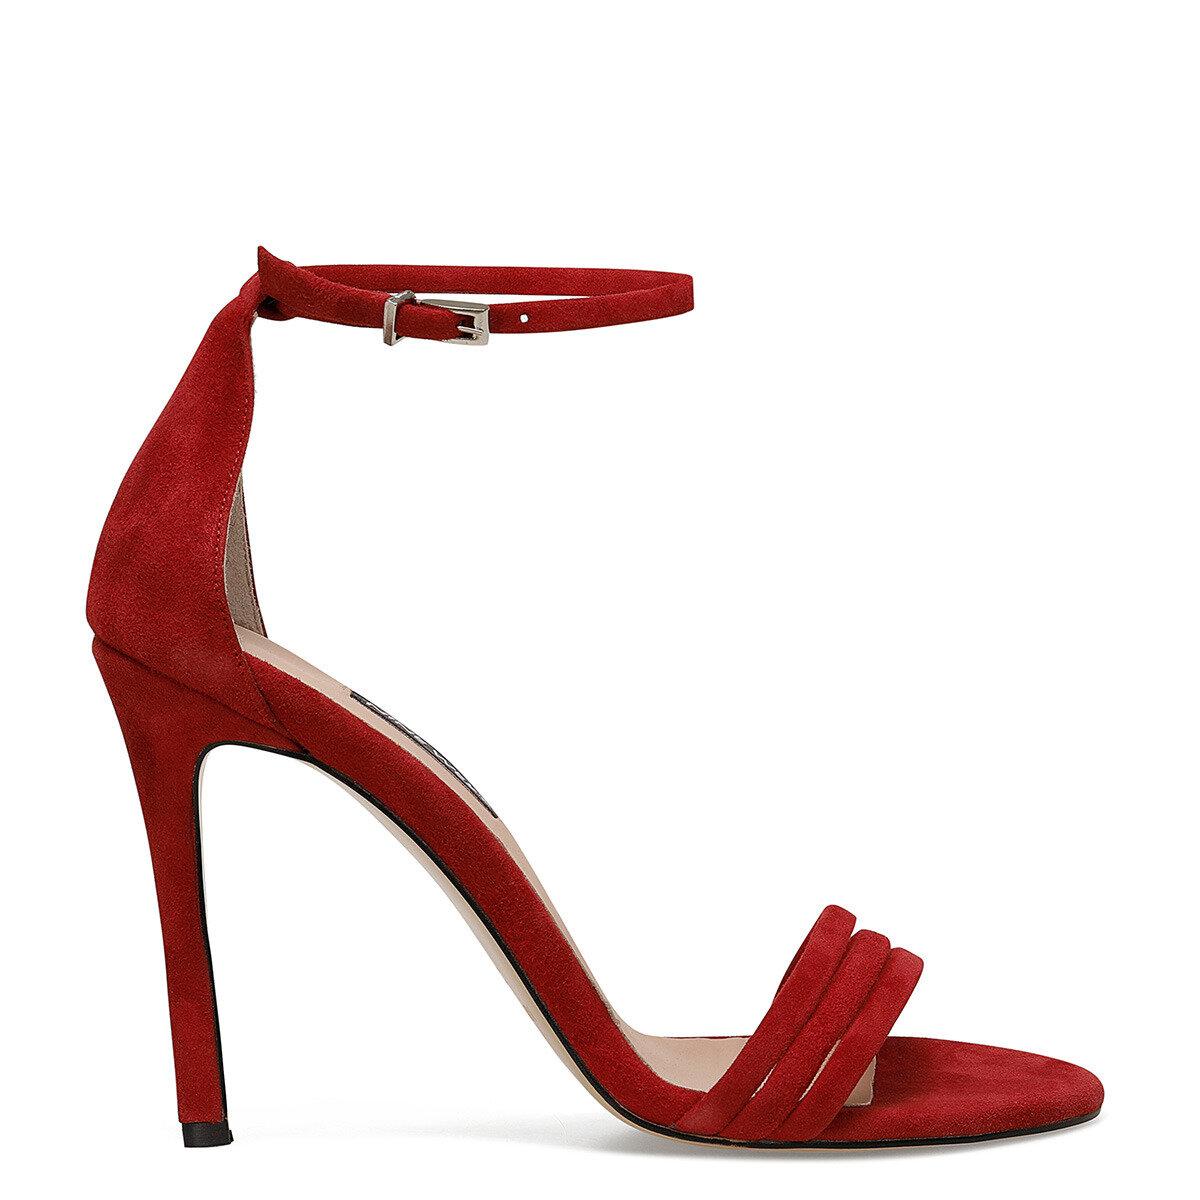 Topuklu Ayakkabılarınızı İyi Seçin!